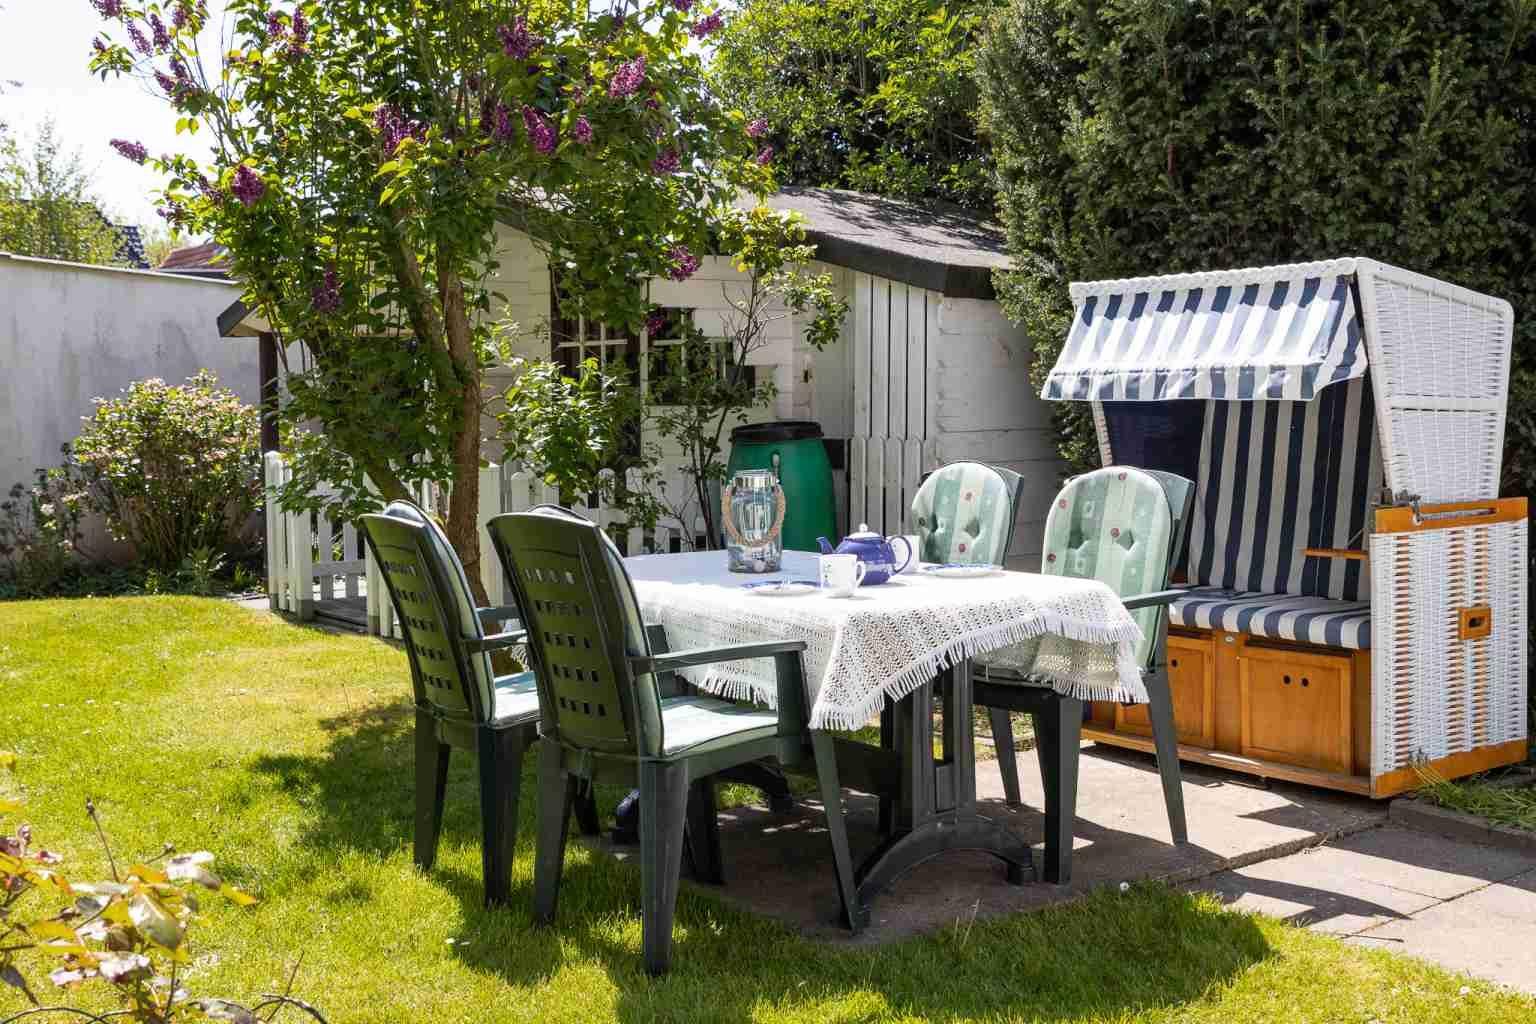 Gartenterrasse - Haus Sturmmoewe, Wohnung 3, 3-Zimmer-Ferienwohnung, Badallee 27-27a, St. Peter-Dorf